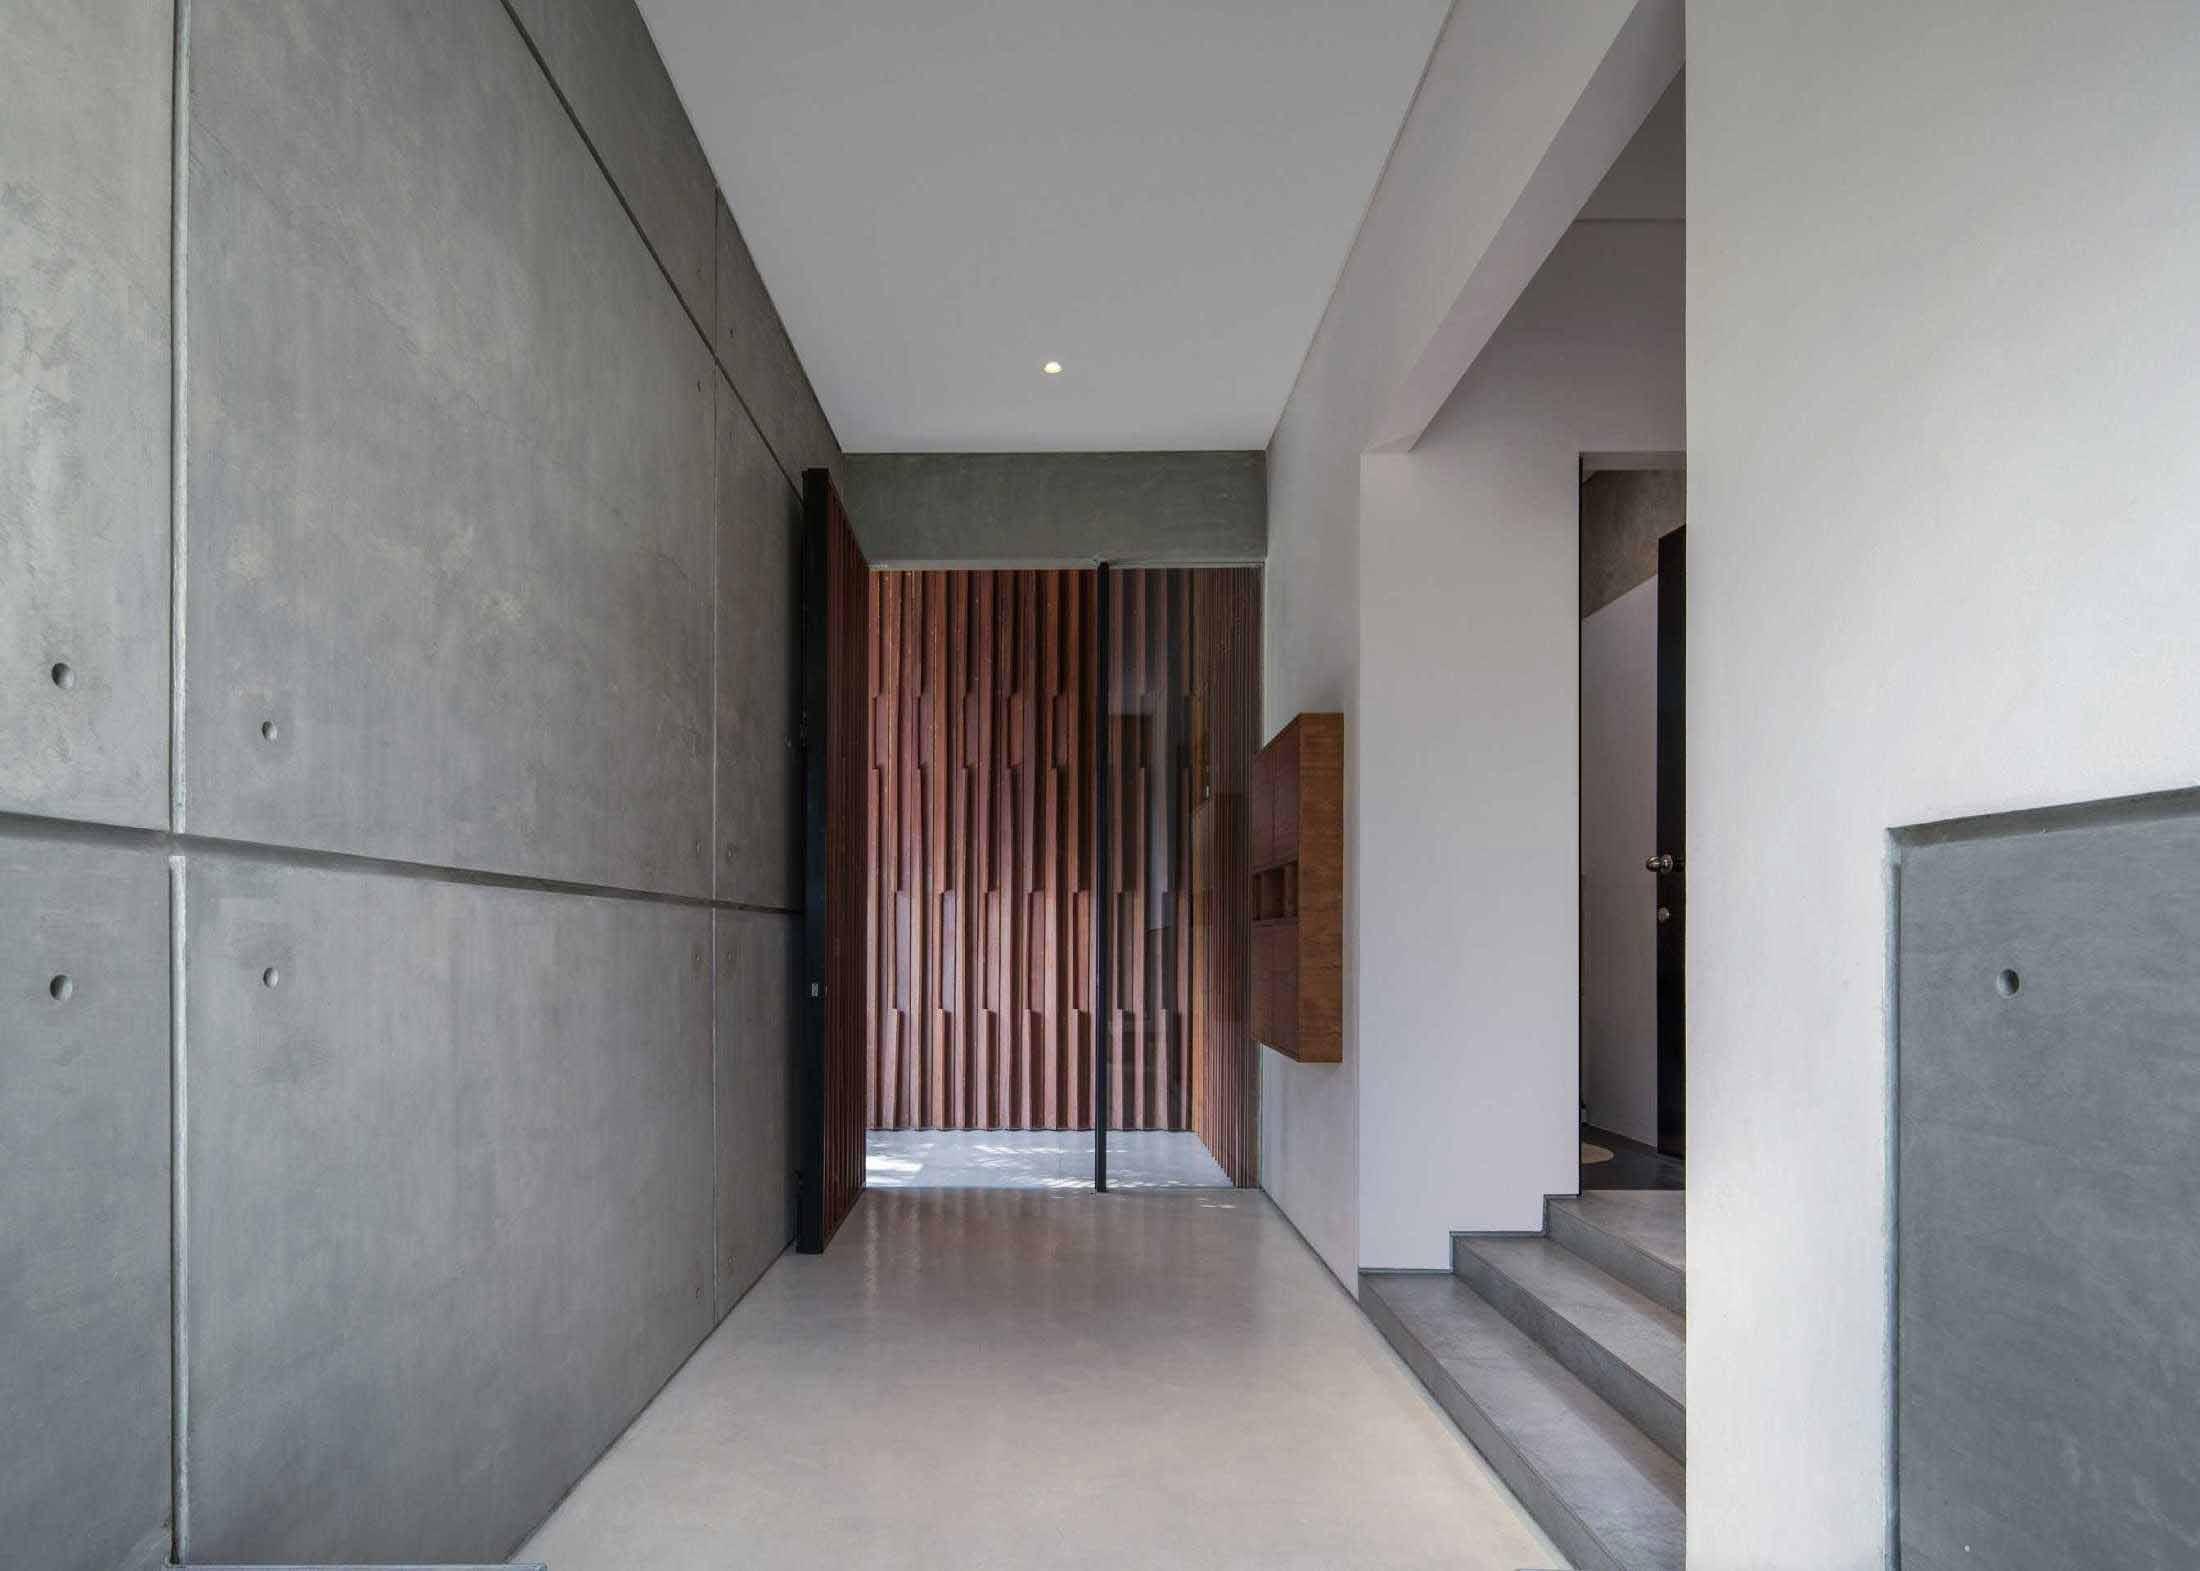 Bagian selasar rumah yang minimalis tanpa ada sentuhan dekorasi, viaarsitag.com